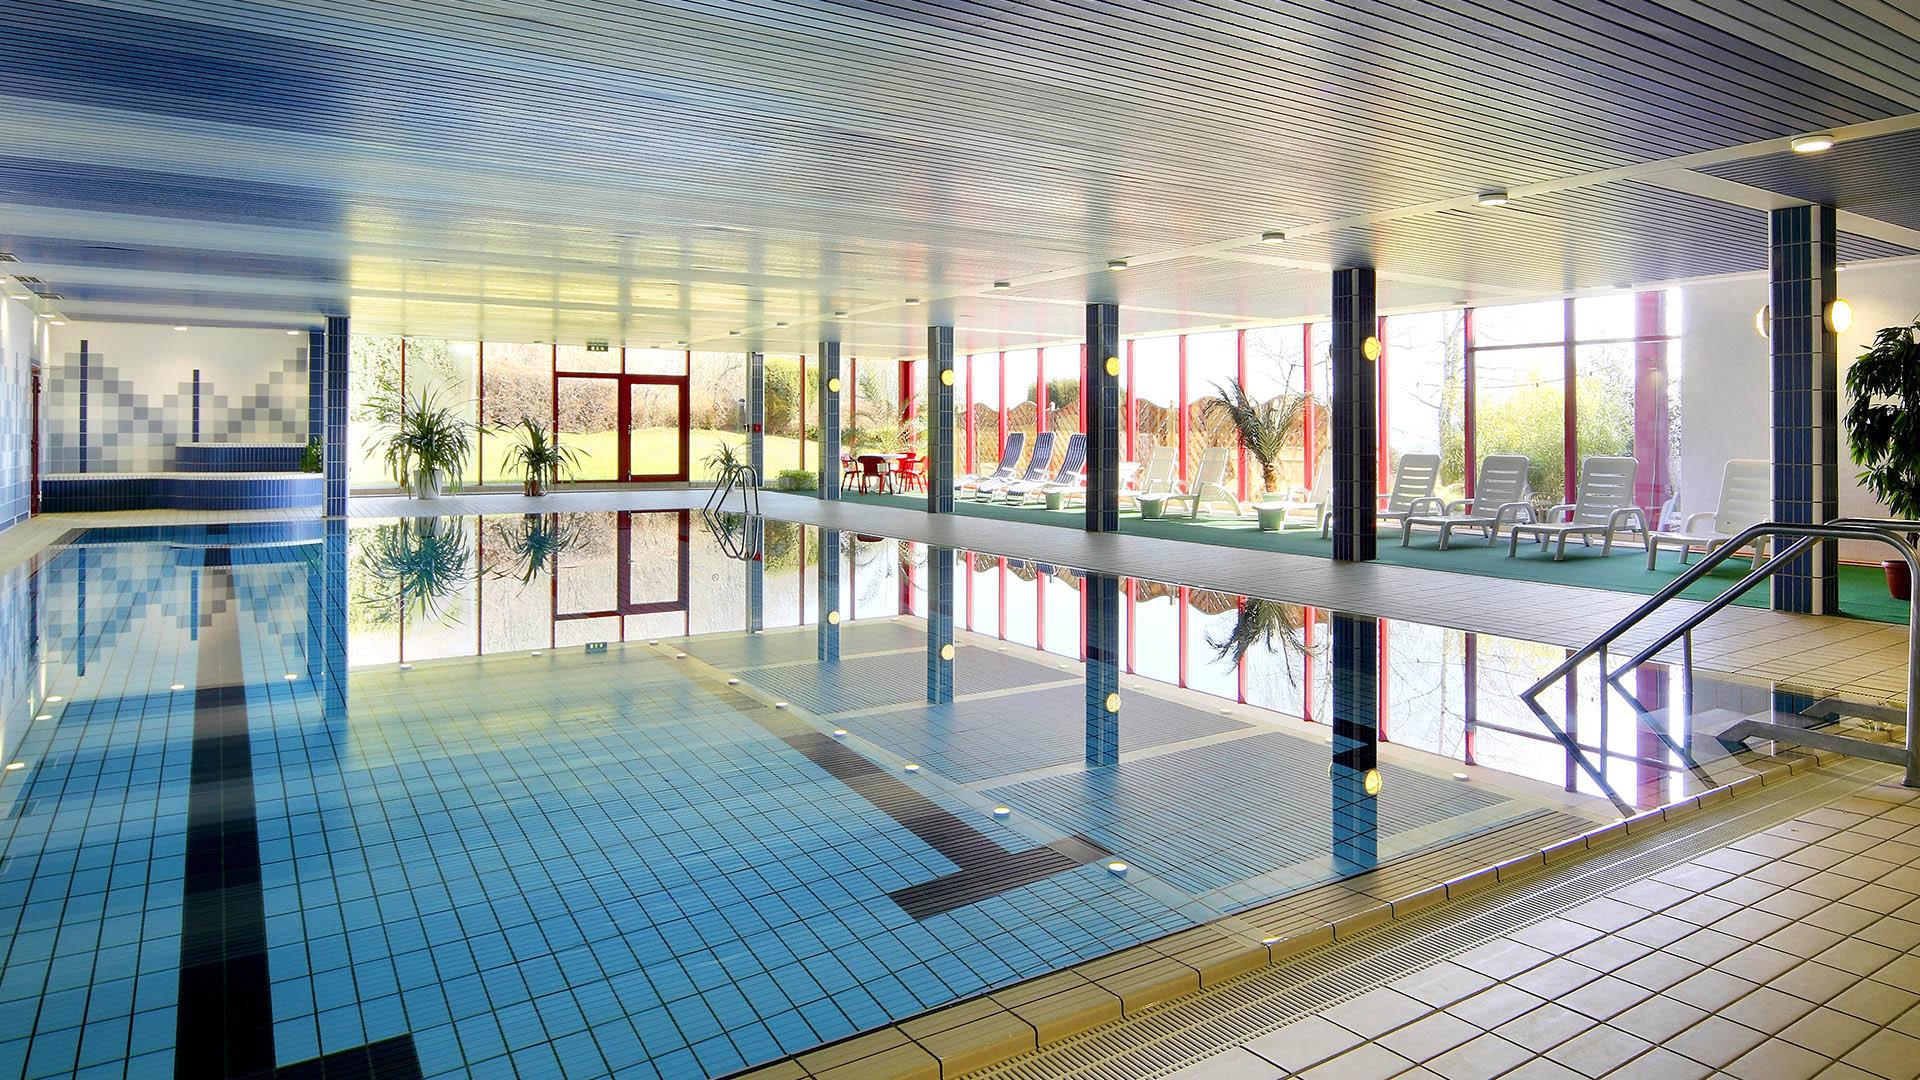 Unser hauseigenes Schwimmbad, zum entspannen und genießen